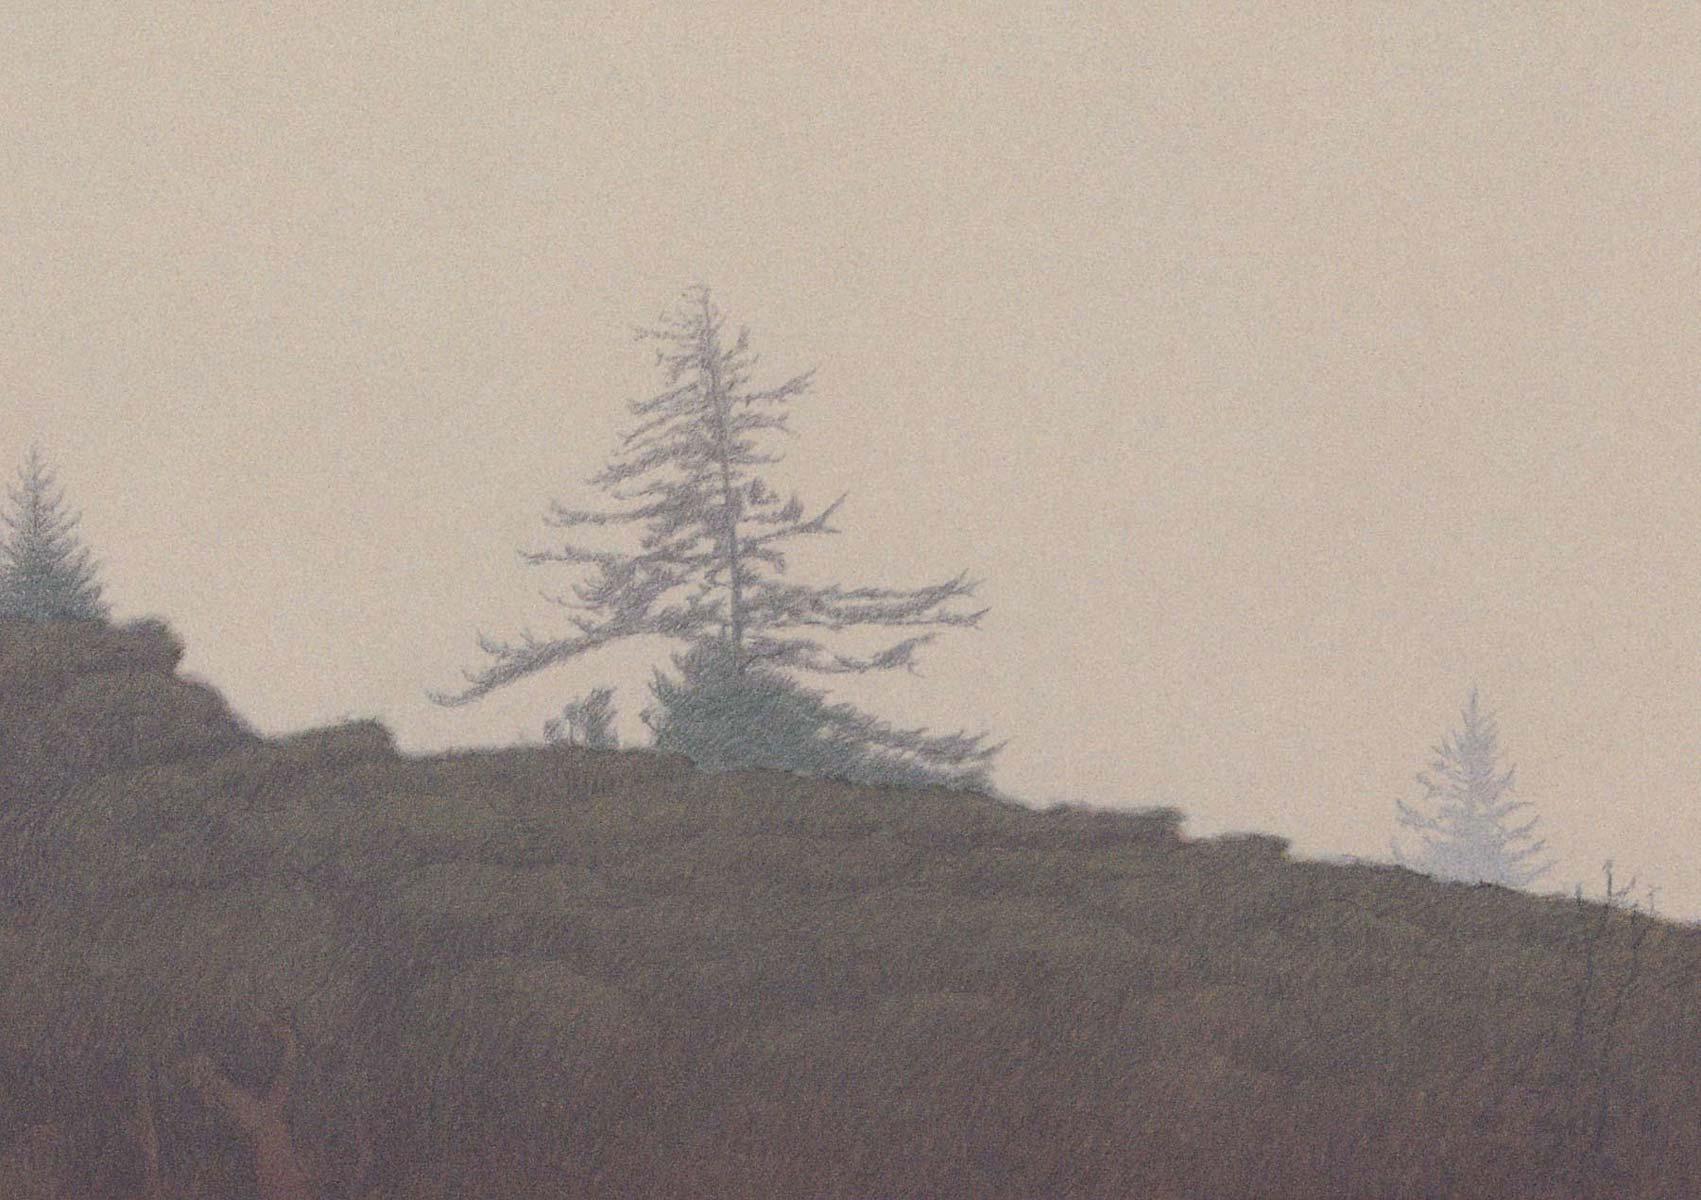 Chatham-Fog on Mt. Tamalpais